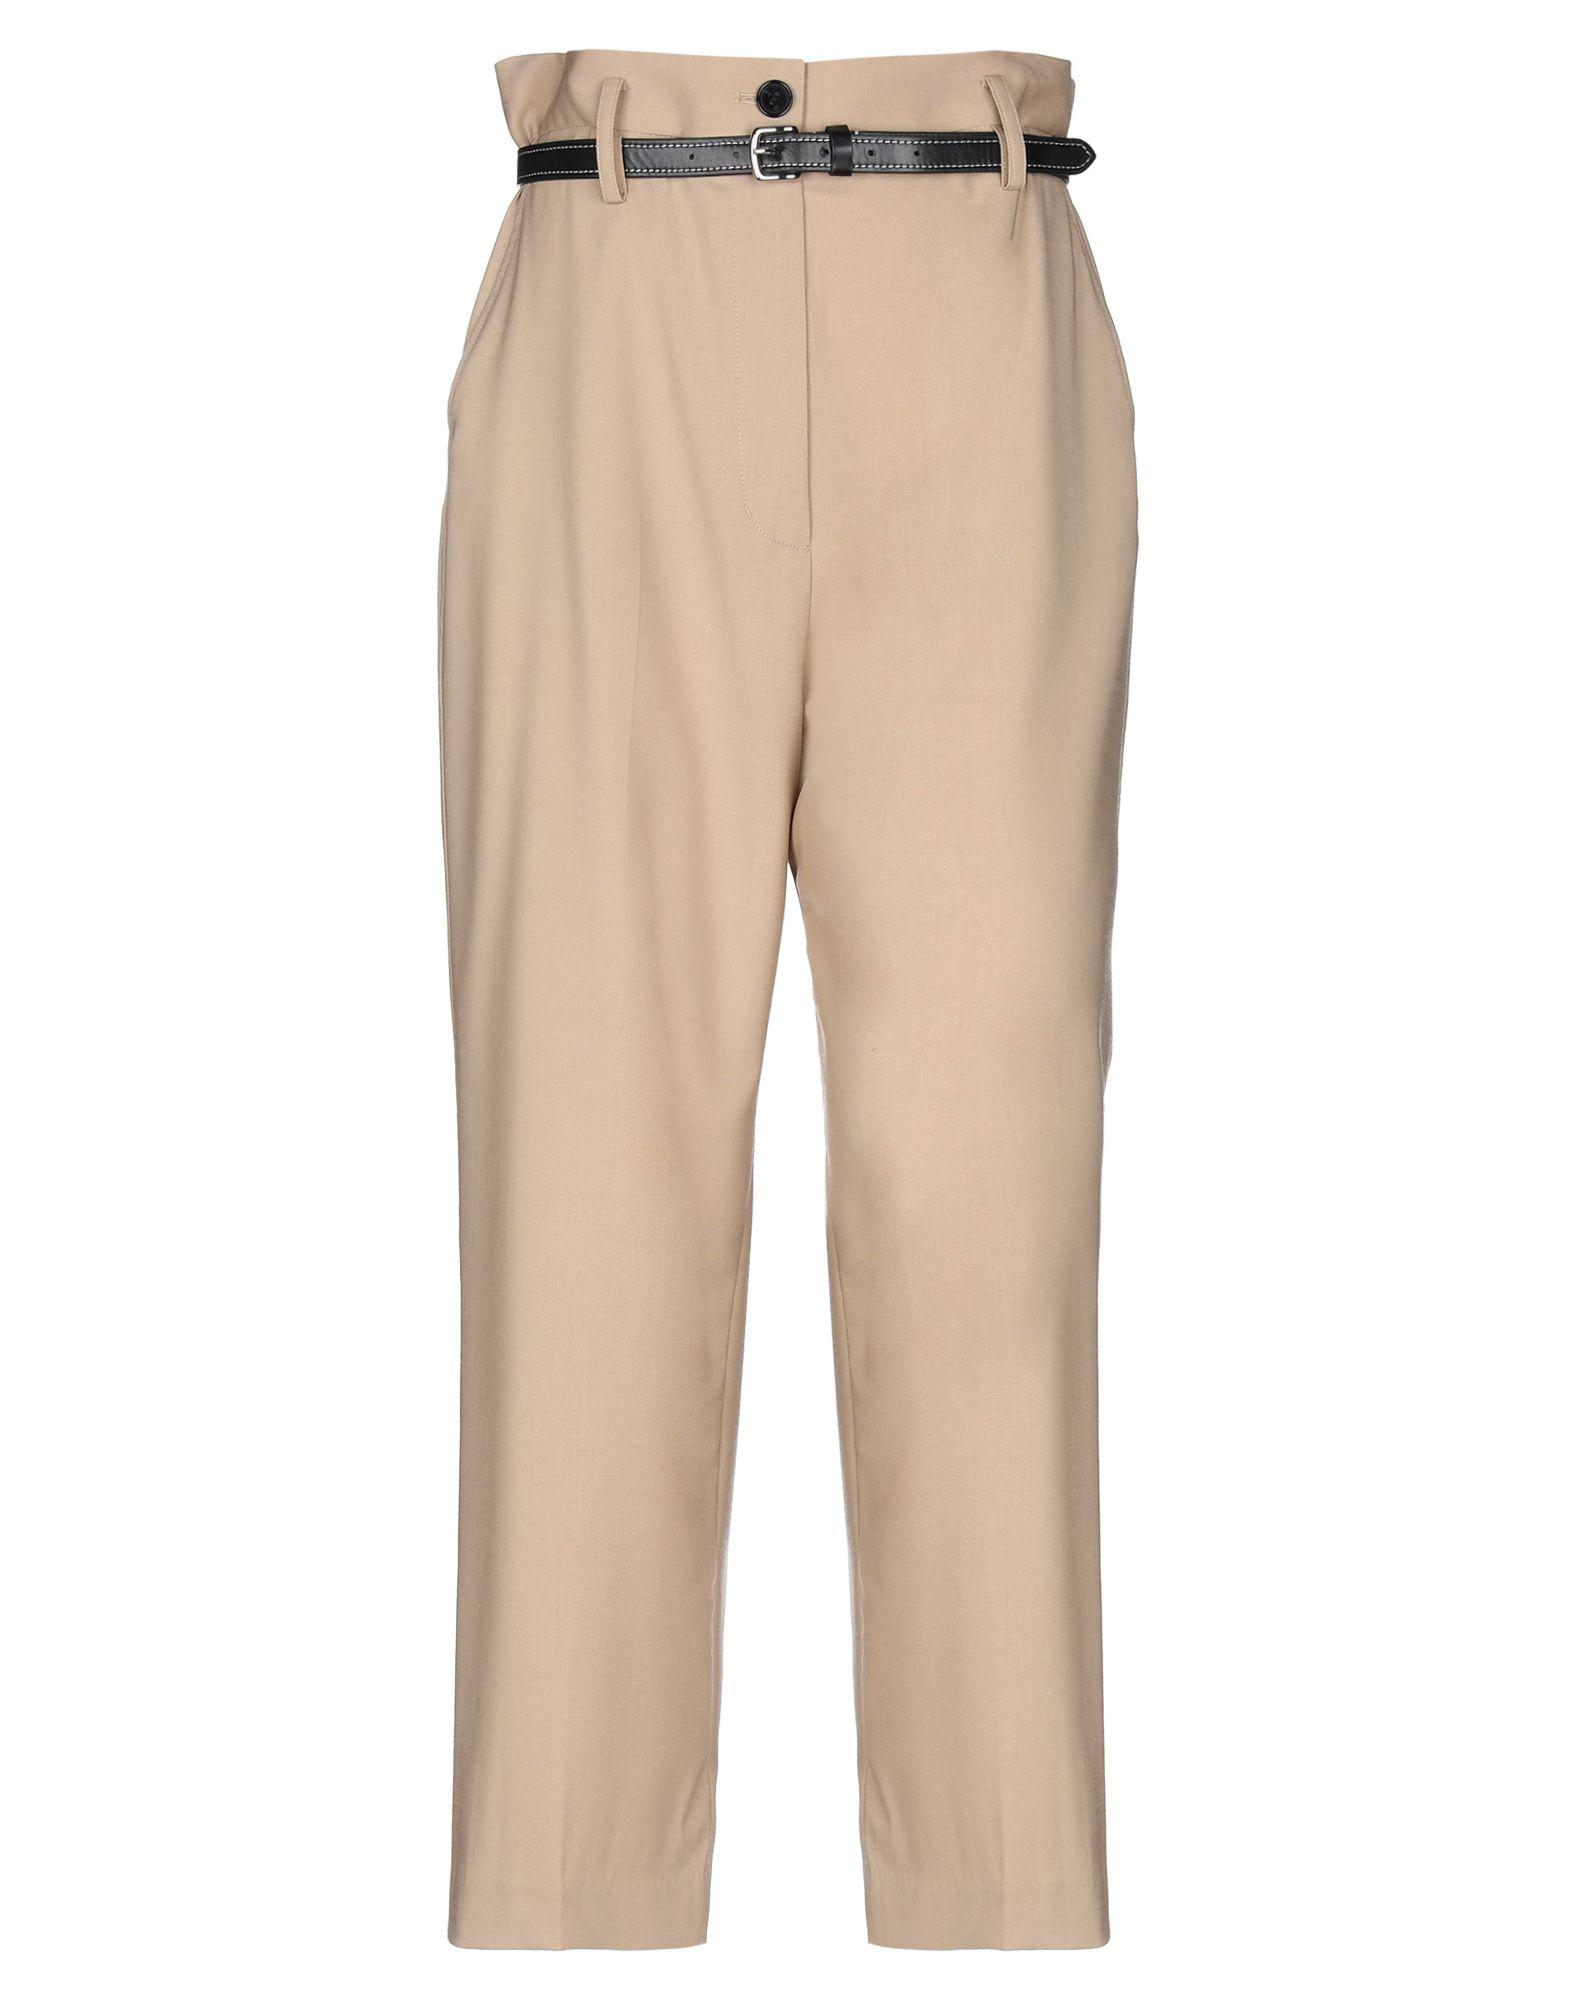 3.1 PHILLIP LIM Повседневные брюки